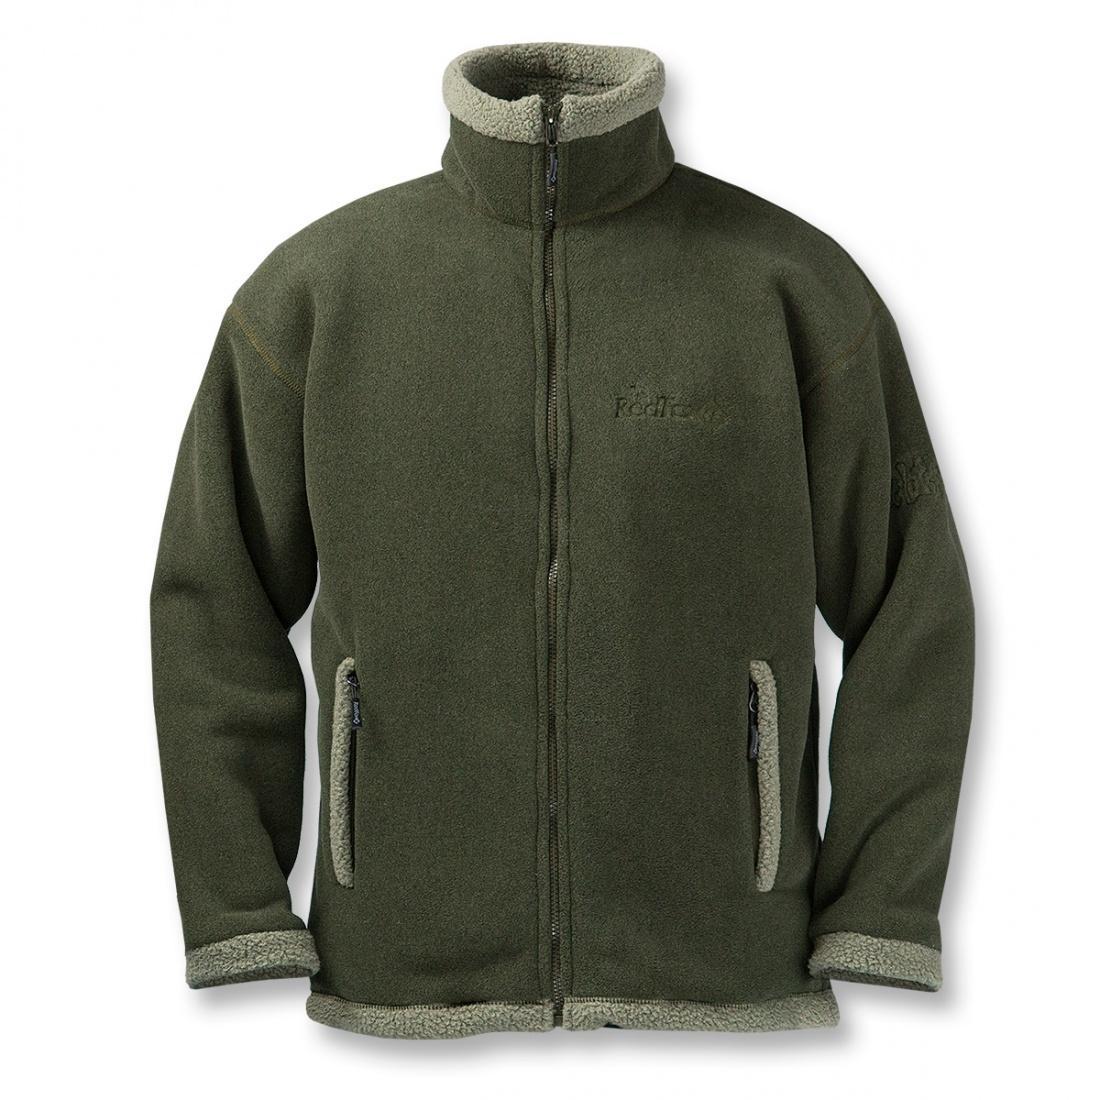 Куртка Cliff МужскаяКуртки<br><br> Модель курток Сliff признана одной из самых популярных в коллекции Red Fox среди изделий из материаловPolartec®.<br><br><br> <br><br><br><br><br>Мат...<br><br>Цвет: Хаки<br>Размер: 58